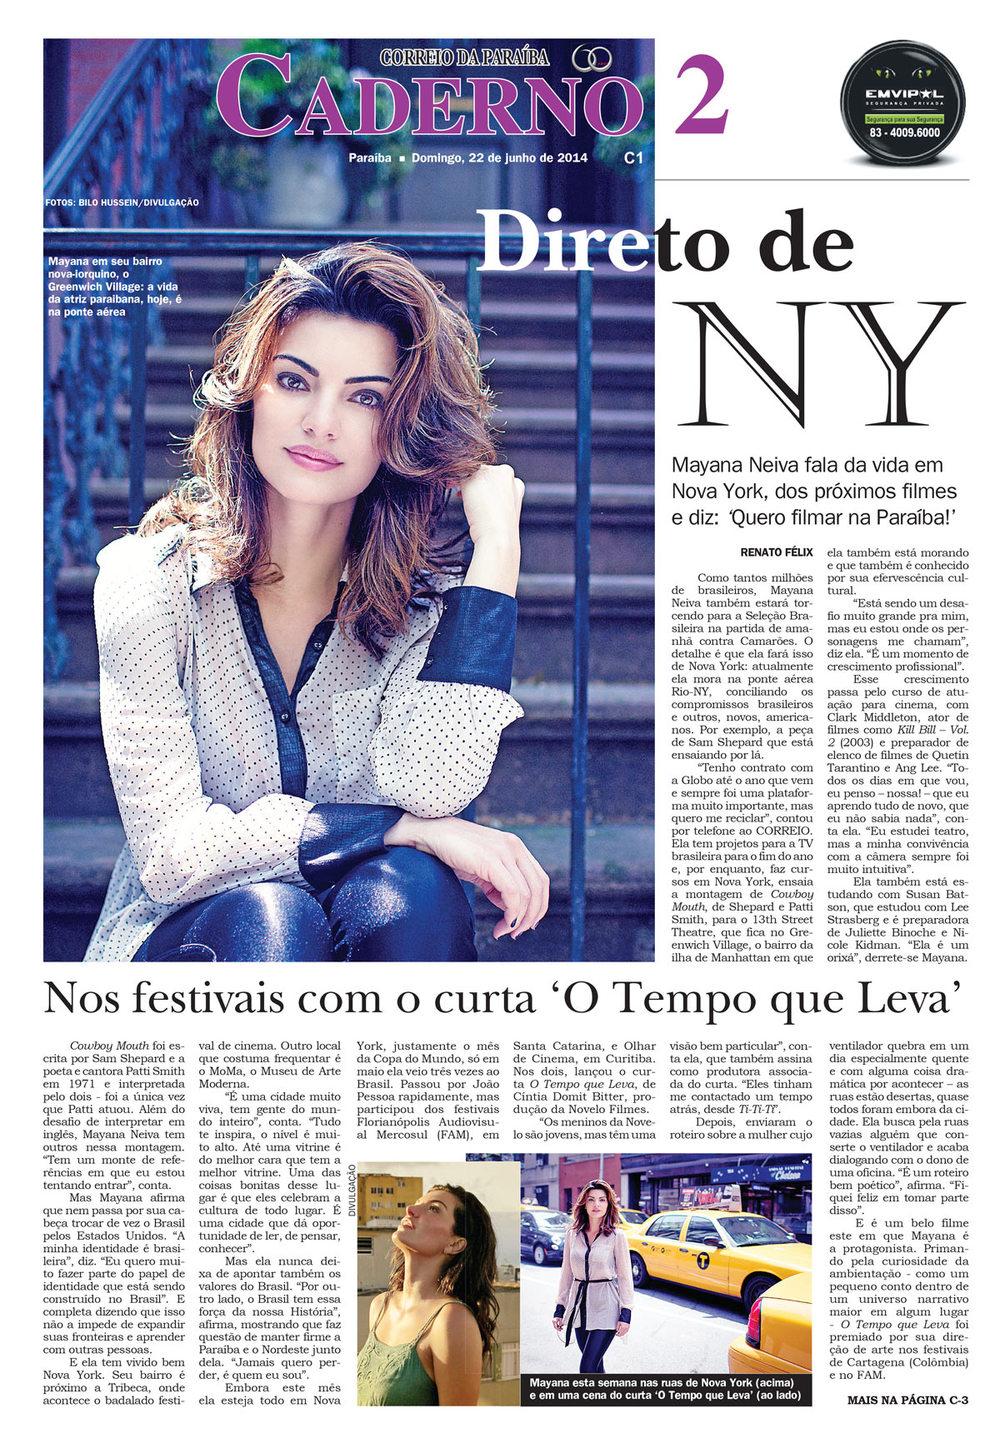 Portrait of Brazilian actress Manya Neiva in Correio Da Paraiba